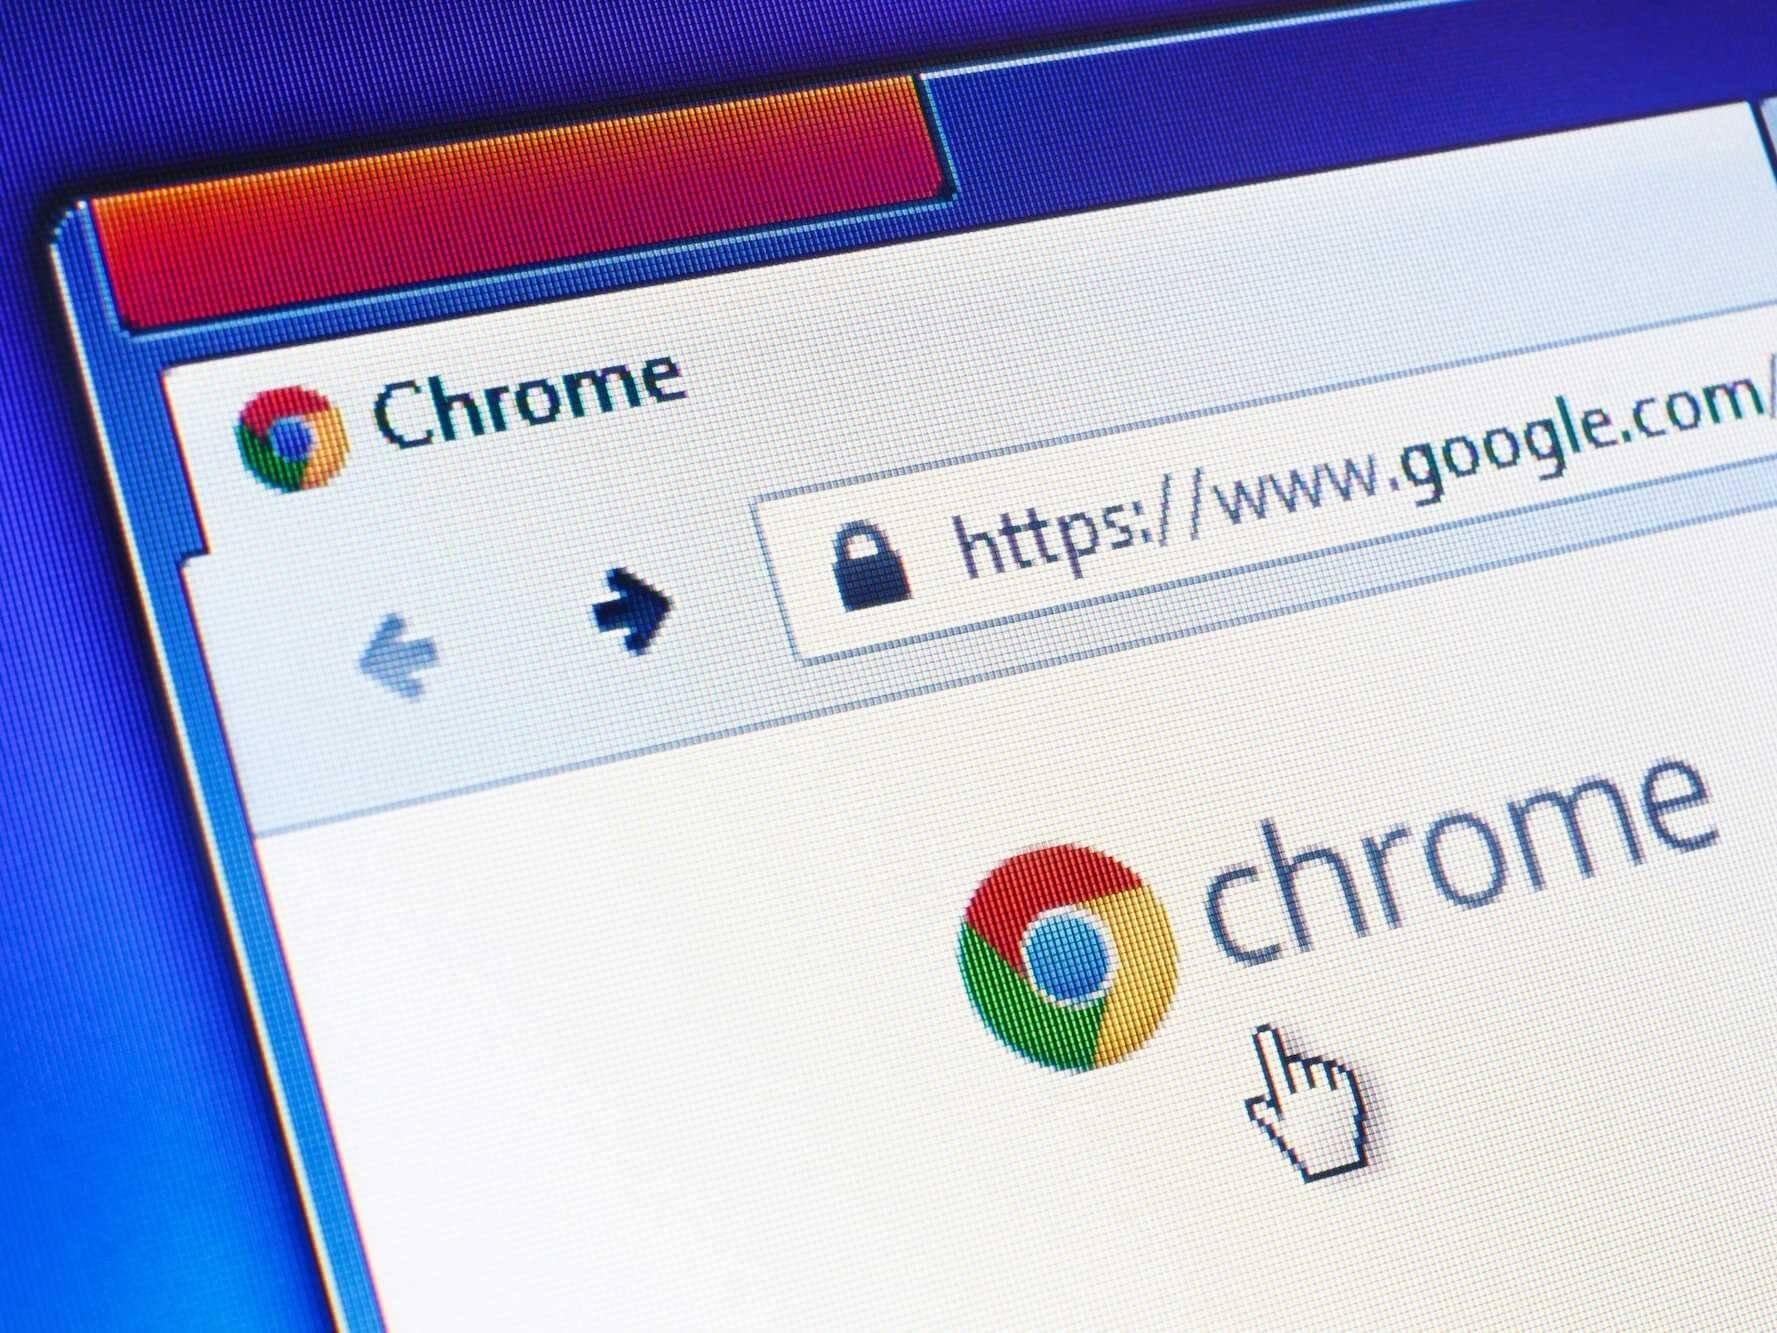 Chrome начал перекрыть нежелательные звуки на«громких» интернет-ресурсах